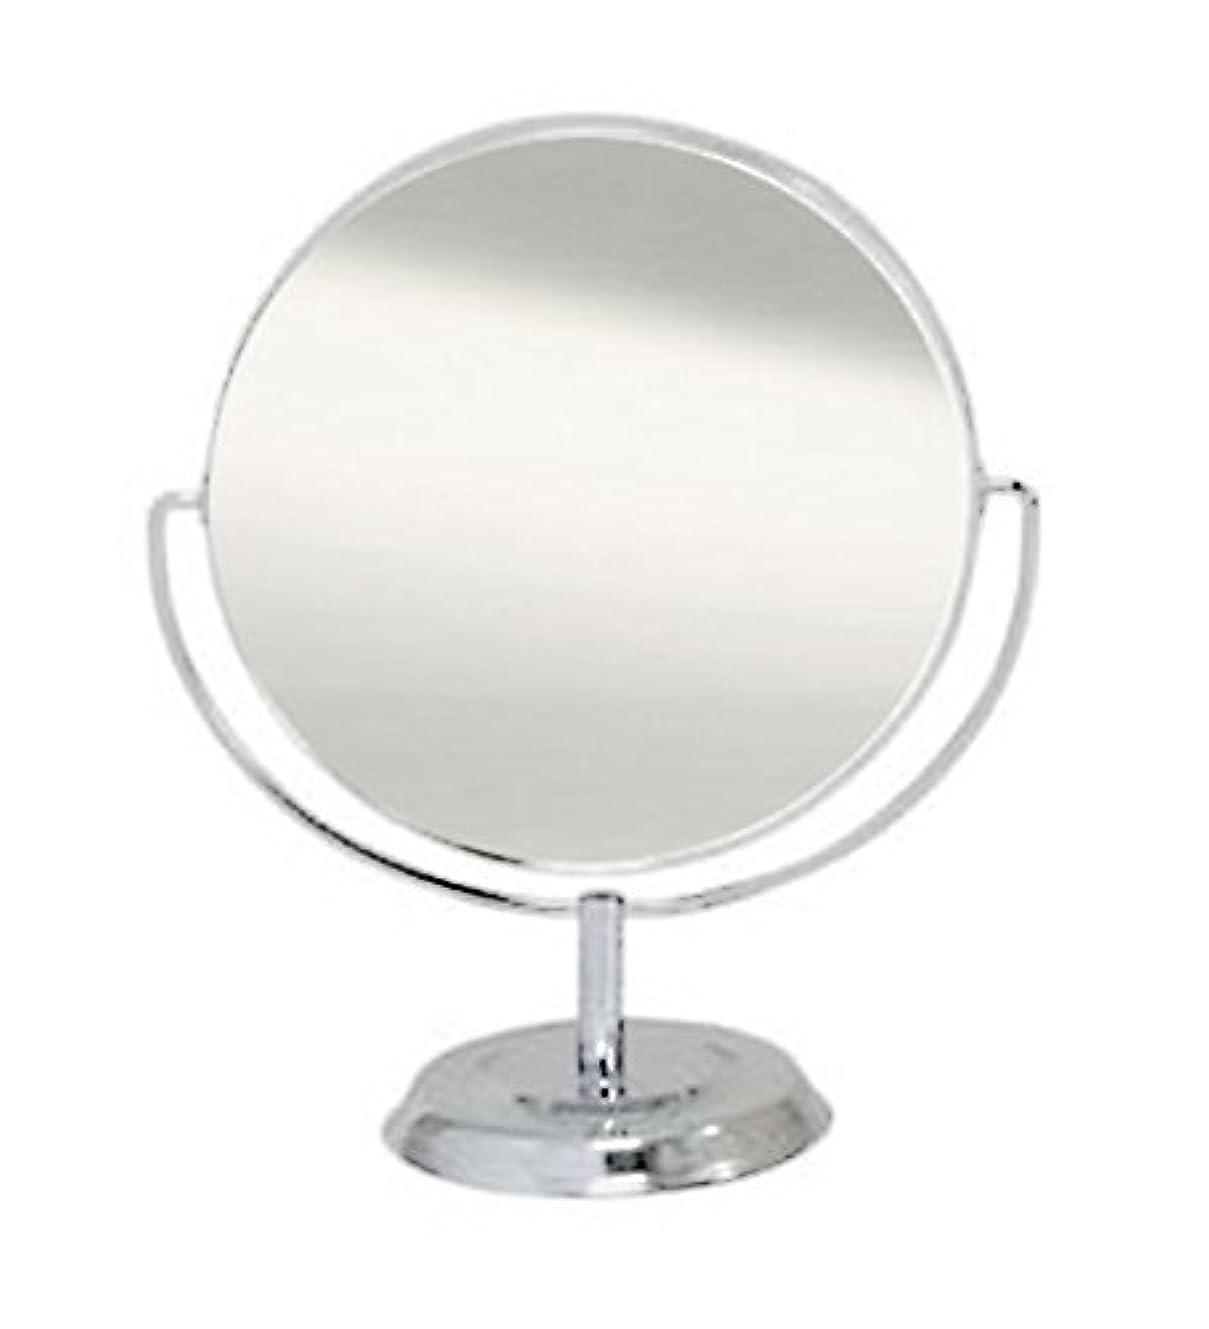 ミンチ甘くするどうやら鏡 卓上ミラー 丸型 両面 拡大鏡約2倍付 No.5860 シルバー